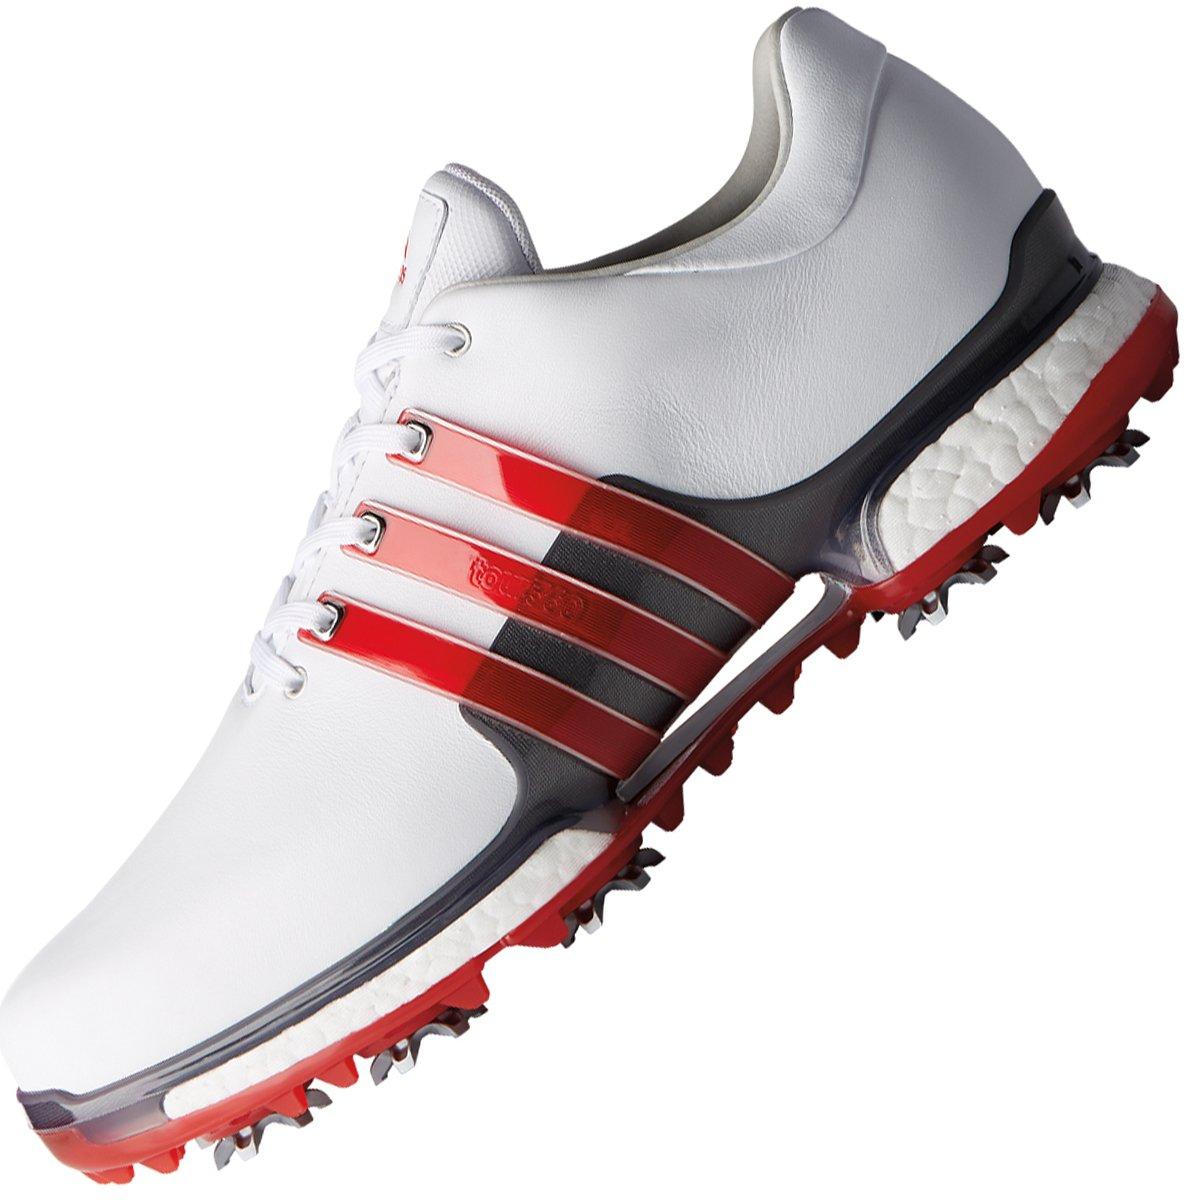 a8ea8393d8b7 adidas Men s s Tour 360 Boost 2.0 Golf Shoes White  Amazon.co.uk  Shoes    Bags